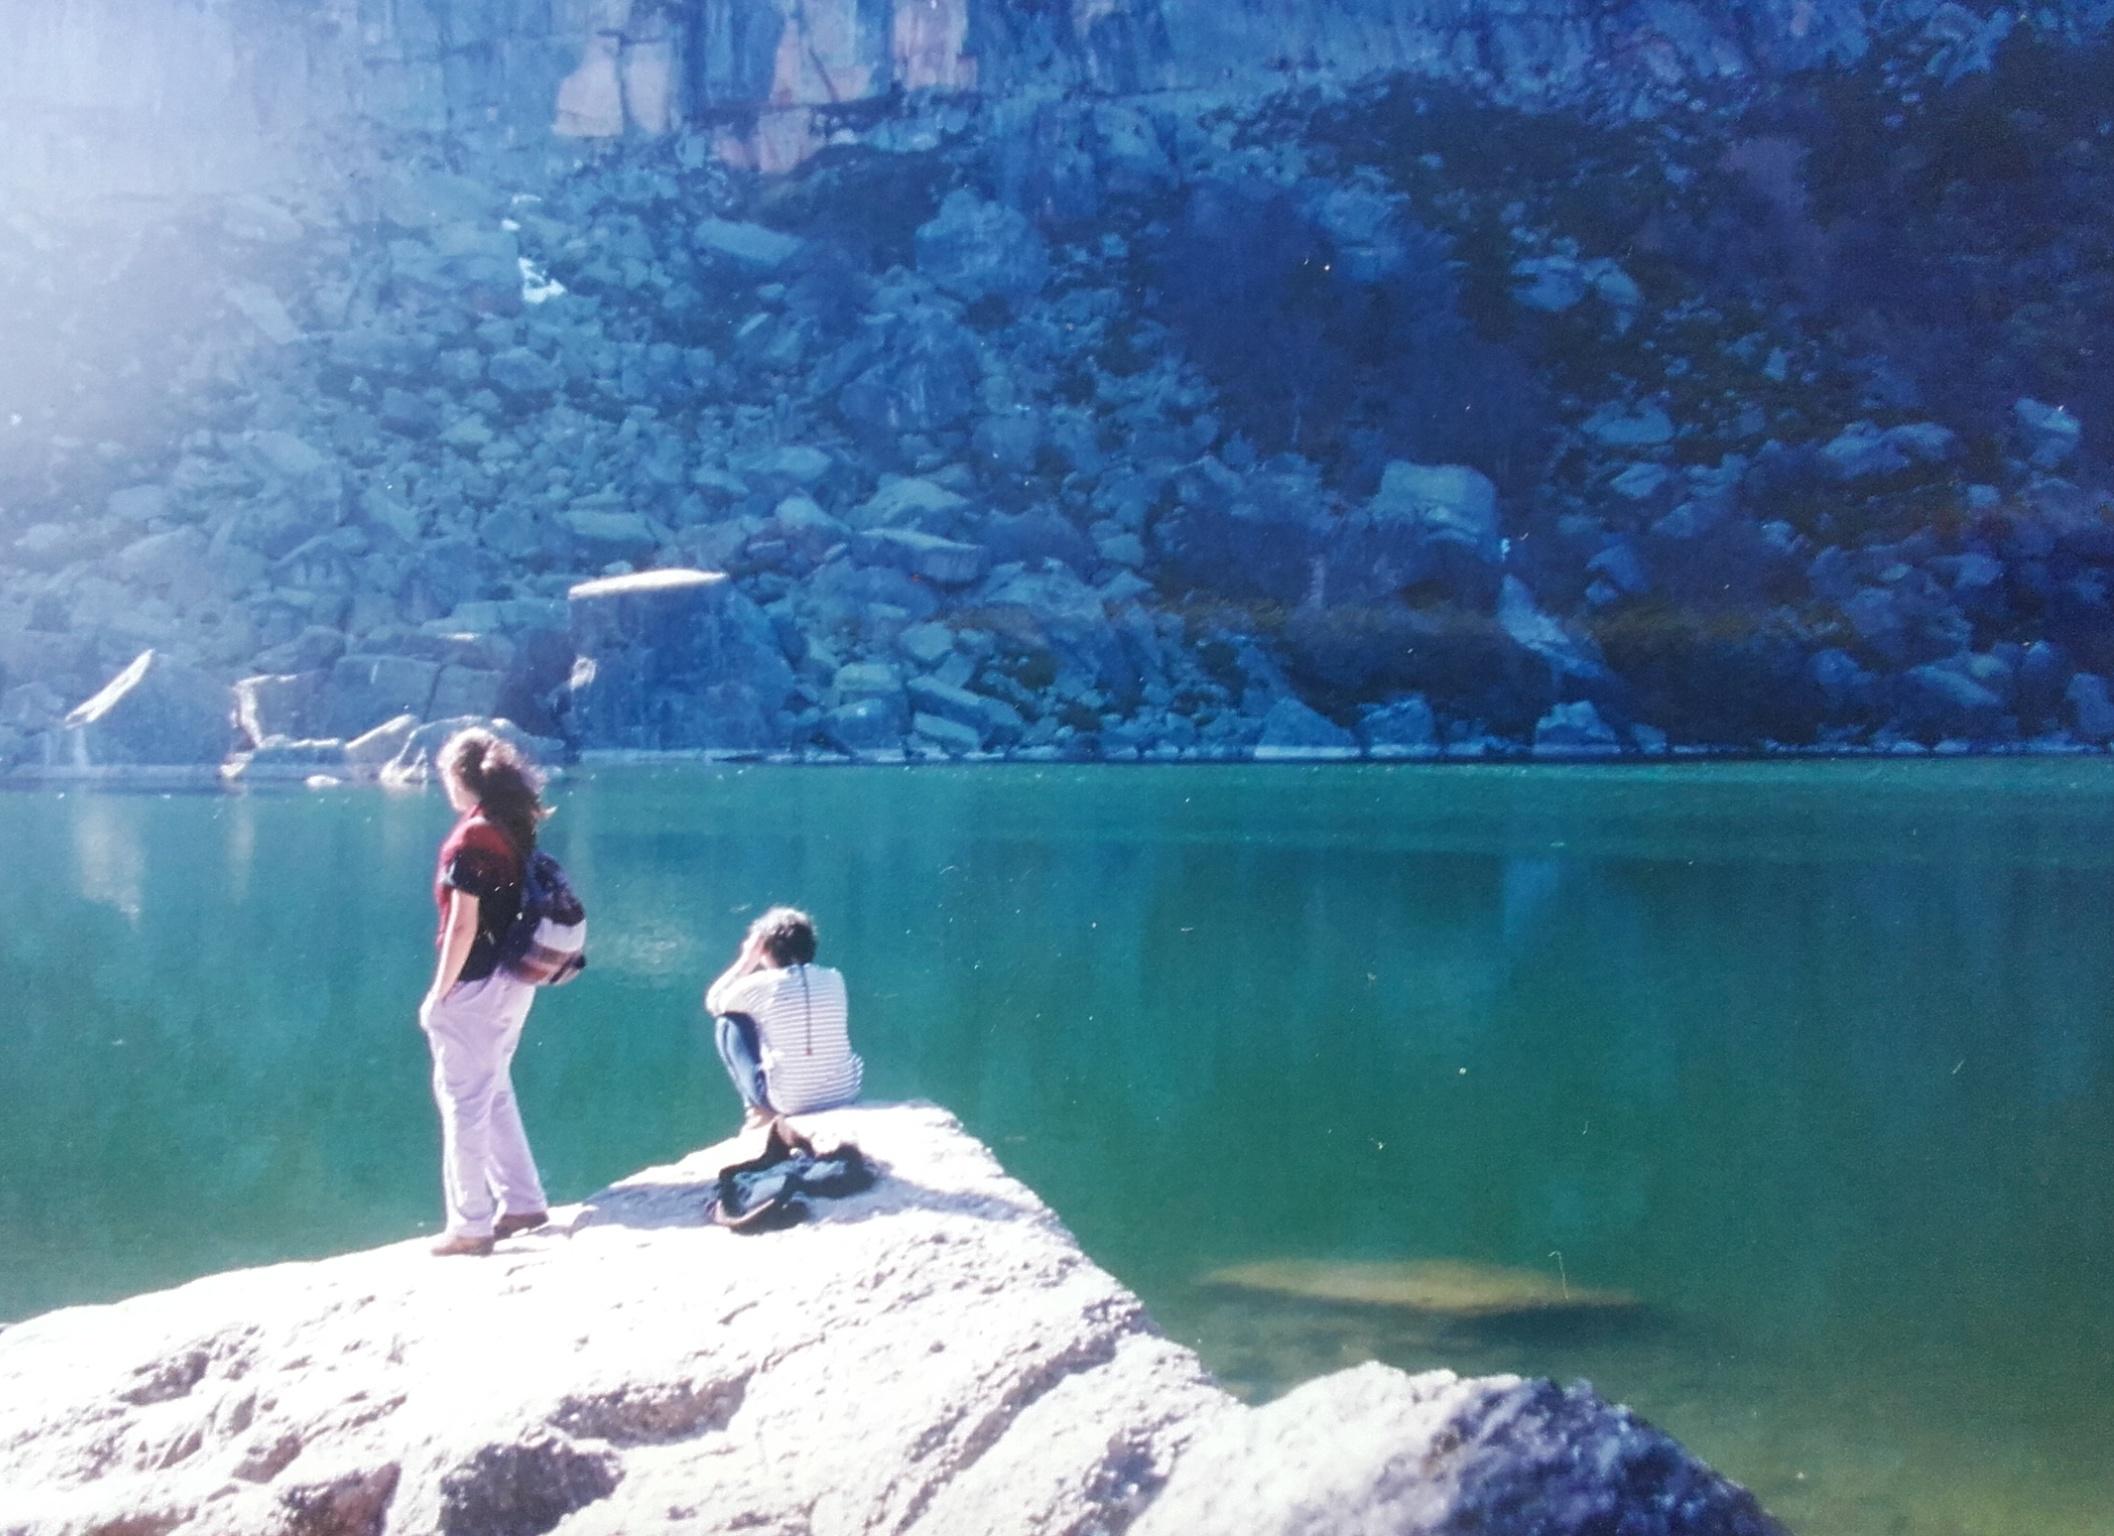 Laguna-negra-soria-sonsoles-lozano-1